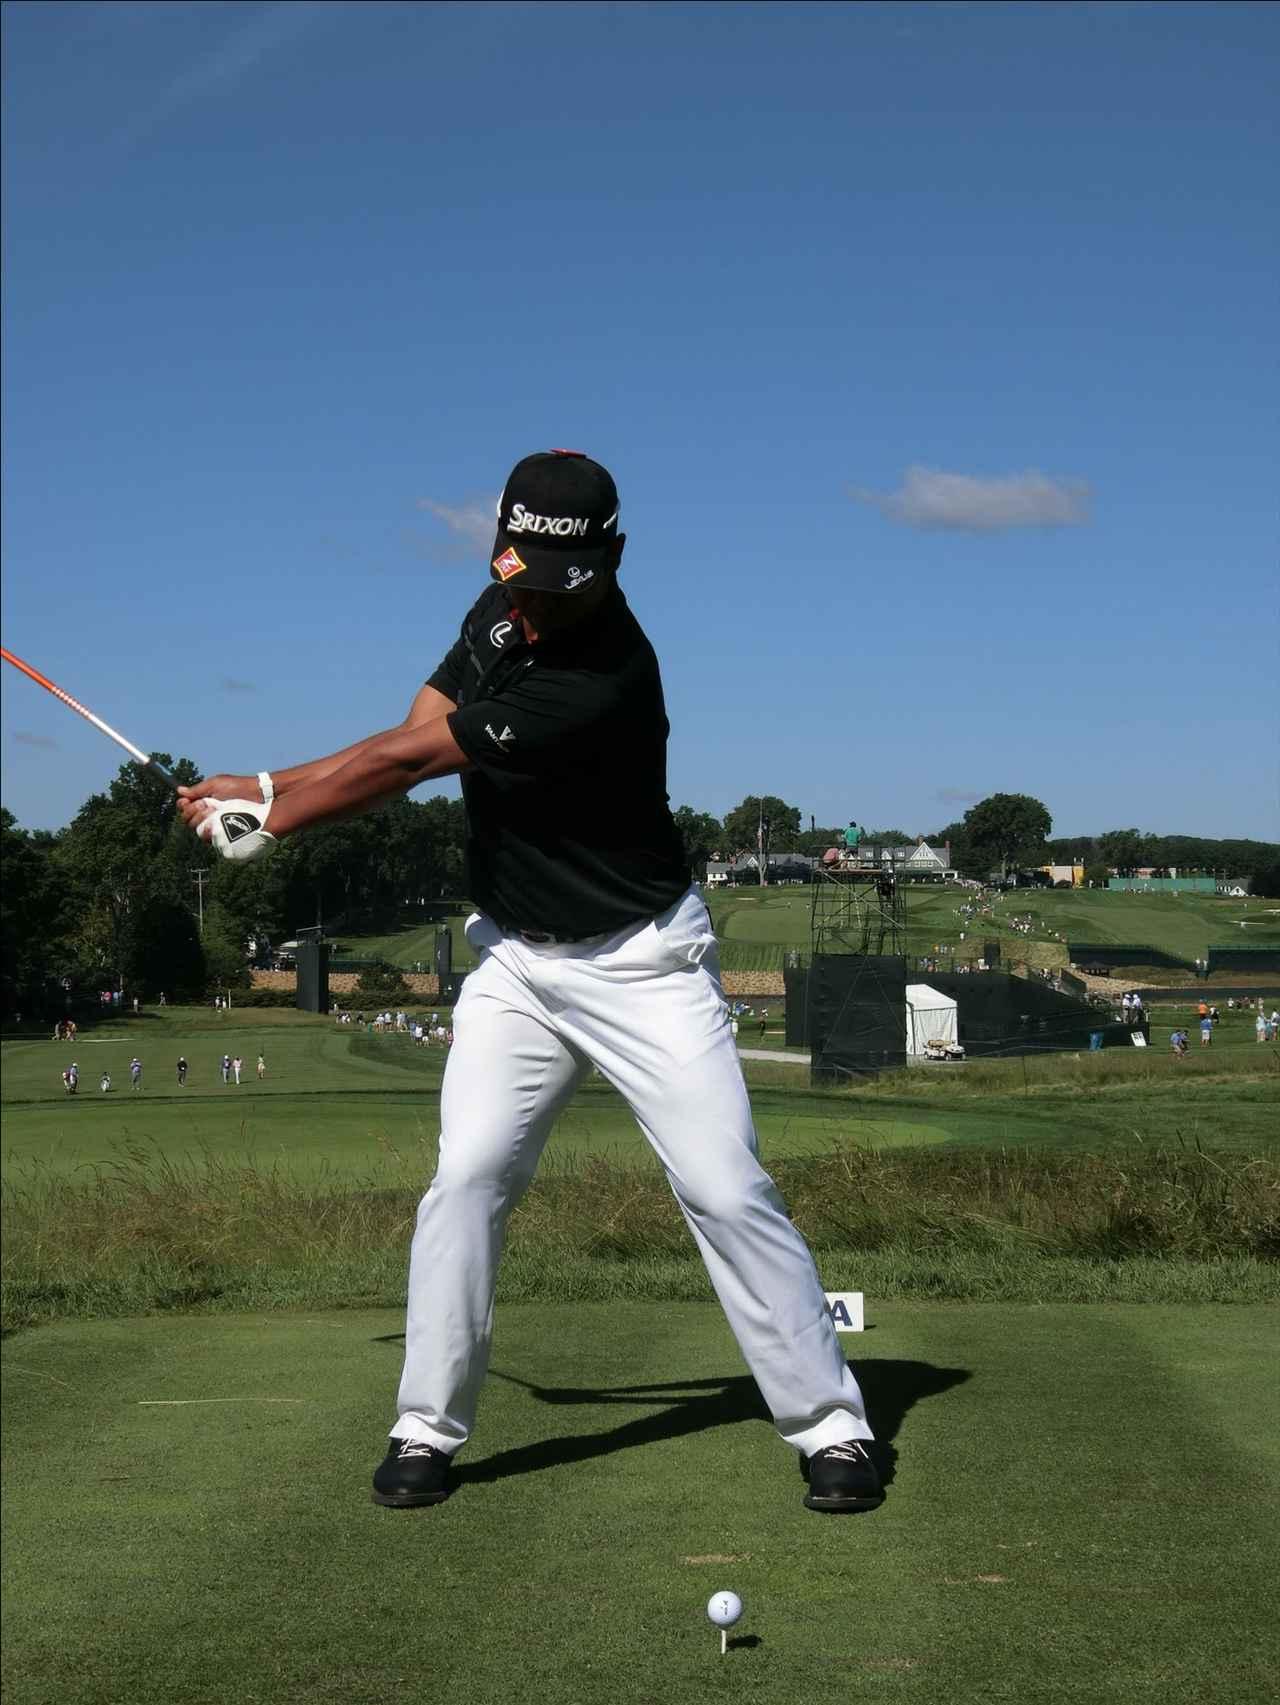 画像2: PGAの主役を小平智がスウィング解説「松山英樹のトップがイチ押し」